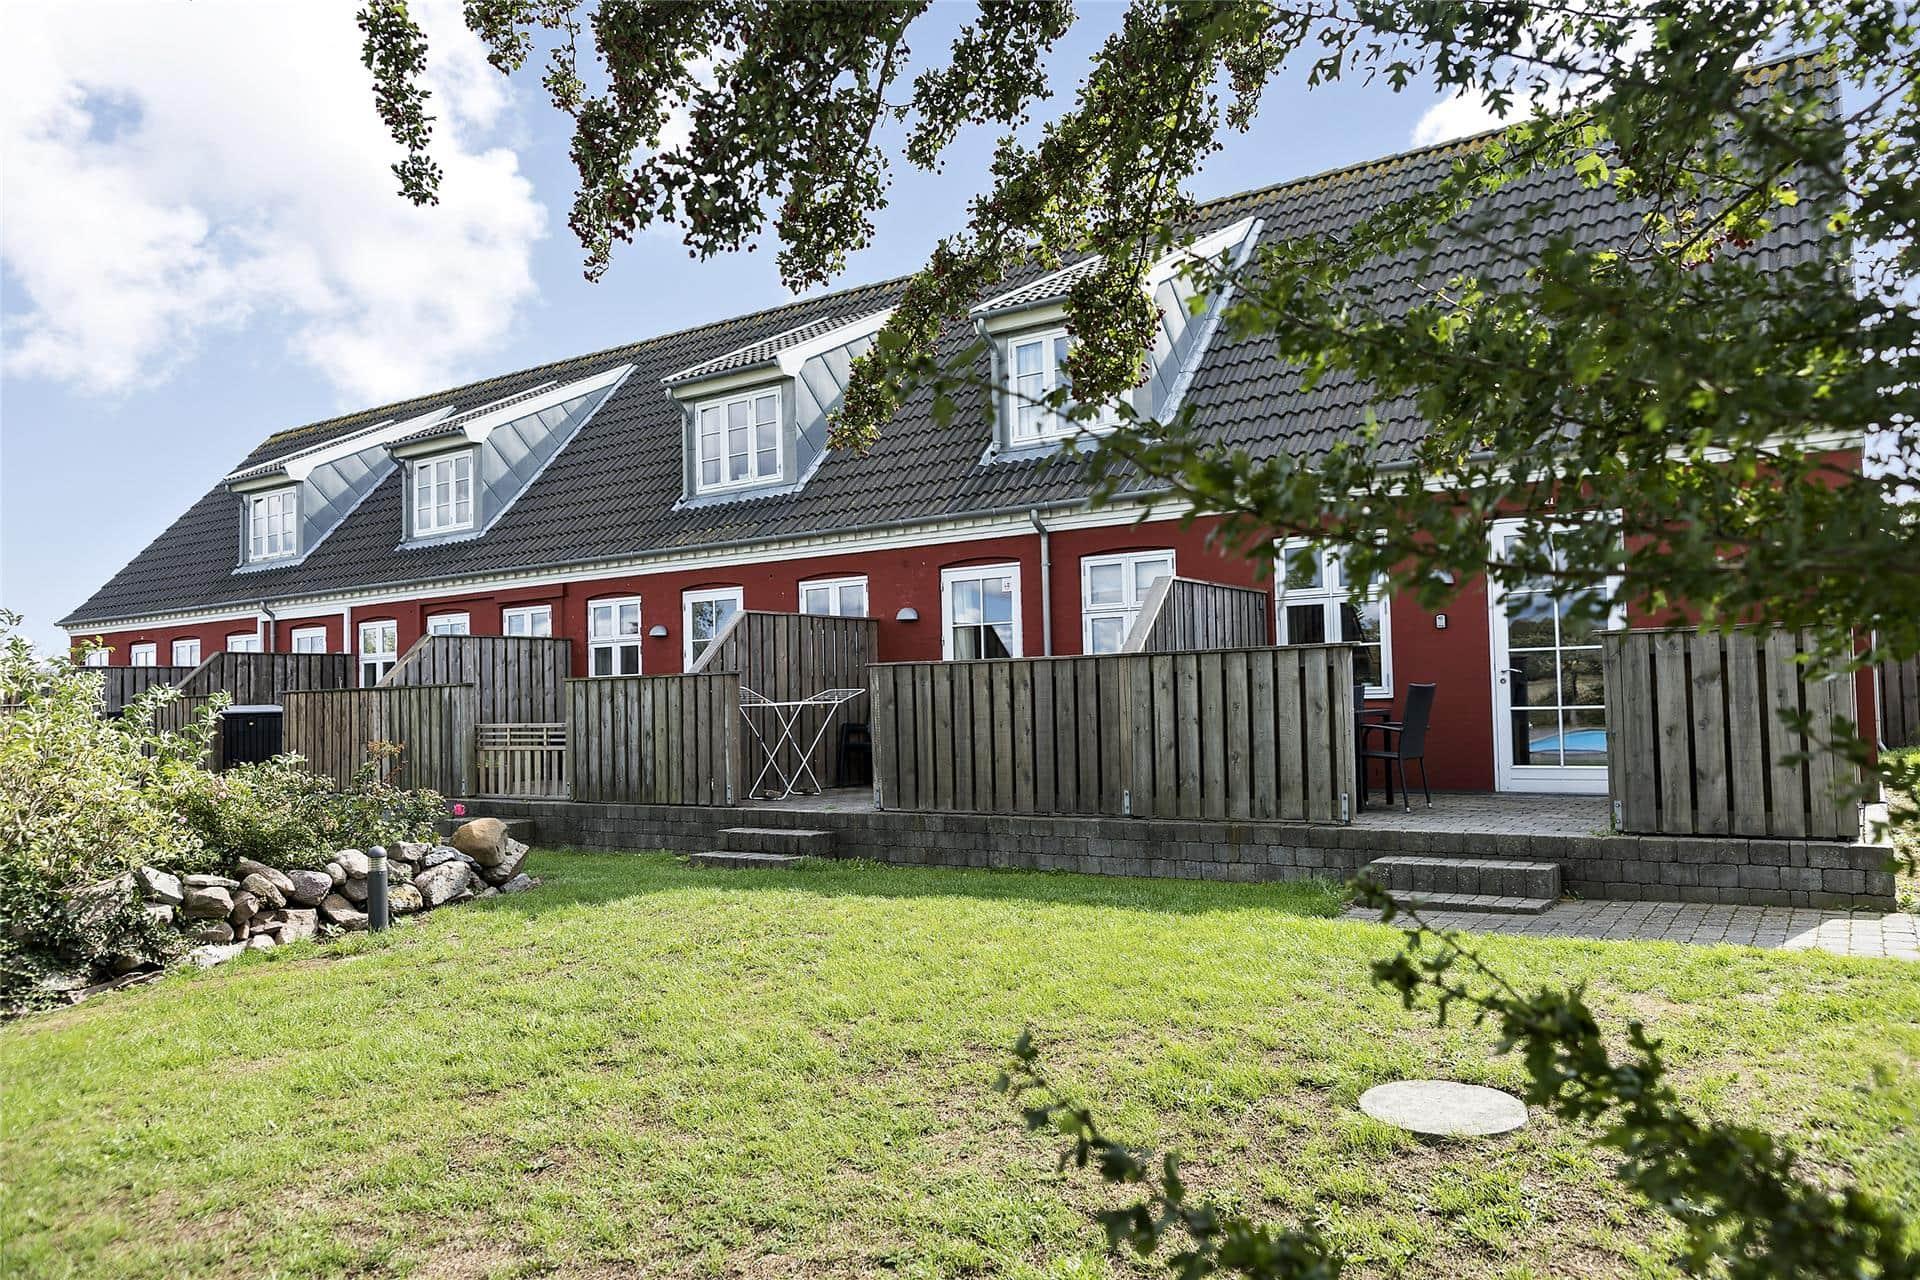 Billede 1-10 Sommerhus 4781, Haregade 14, DK - 3720 Aakirkeby